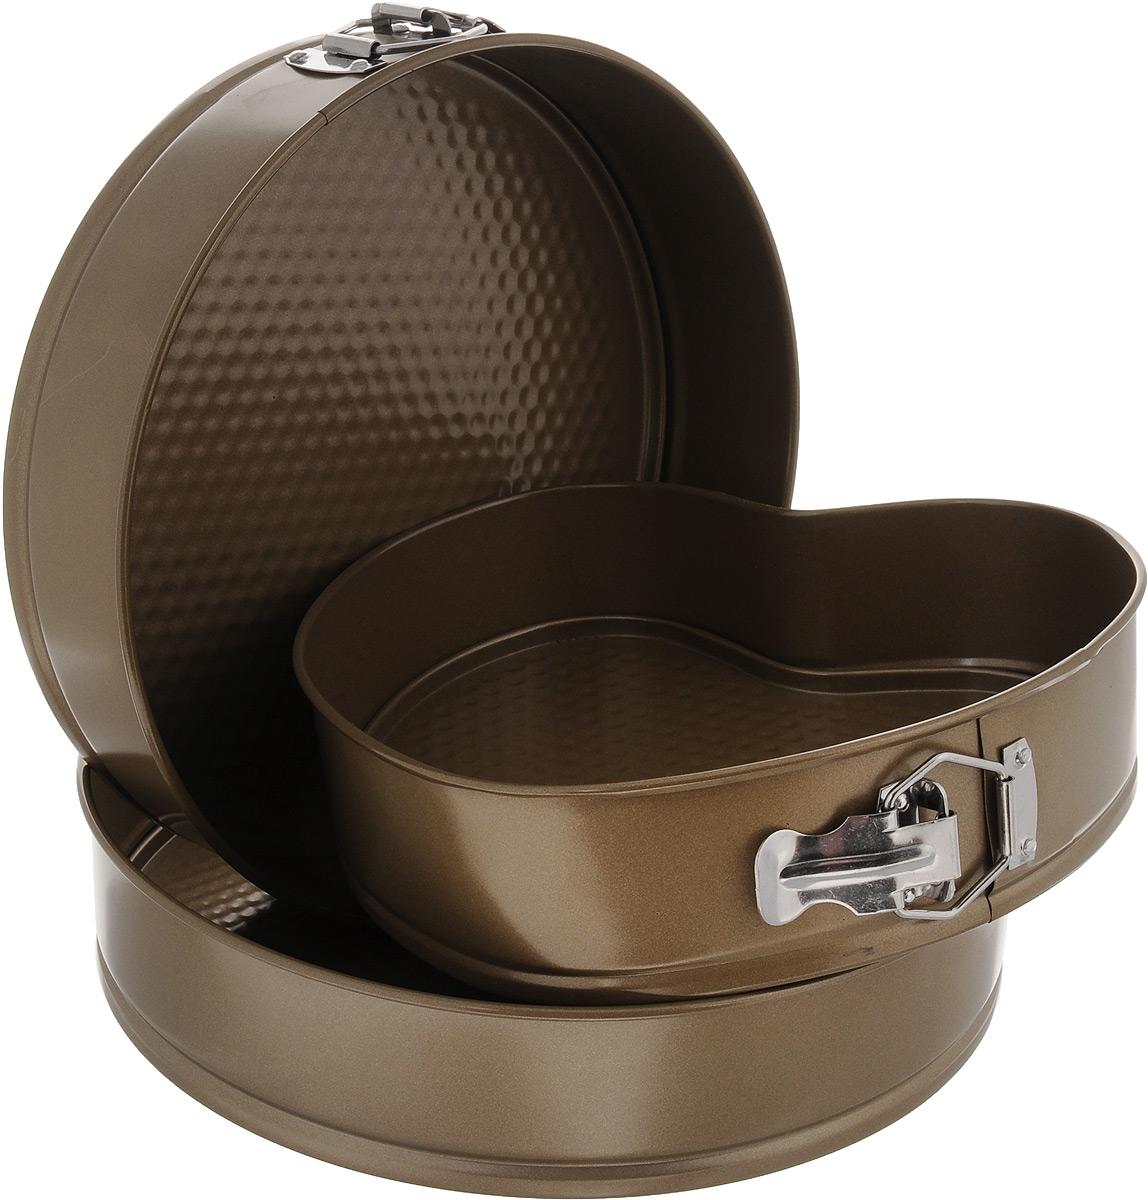 Набор форм для выпечки Mayer & Boch, с антипригарным покрытием, 3 предмета. 2427724277Набор Mayer & Boch состоит из двух круглых форм для выпечки и одной формы в виде сердца, выполненных из высококачественной углеродистой стали. Современное высокотехнологичное антипригарное покрытие предотвращает пригорание выпечки и обеспечивает легкую очистку после использования. Кроме того, формы имеют разъемный механизм и съемное дно, благодаря чему готовое блюдо очень легко вынимать. Изделия складываются друг в друга по принципу матрешки, поэтому они не займут много места на кухне при хранении.Формы легкие и удобные в использовании, легко моются. С ними готовить любимые блюда станет еще проще. Подходят для использования в духовом шкафу и хранения пищи в холодильнике. Не предназначены для СВЧ-печей. Диаметр круглых форм: 26 см, 28 см. Высота стенок: 6,7 см. Размер формы в виде сердца: 23,4 х 23,5 х 6,7 см.